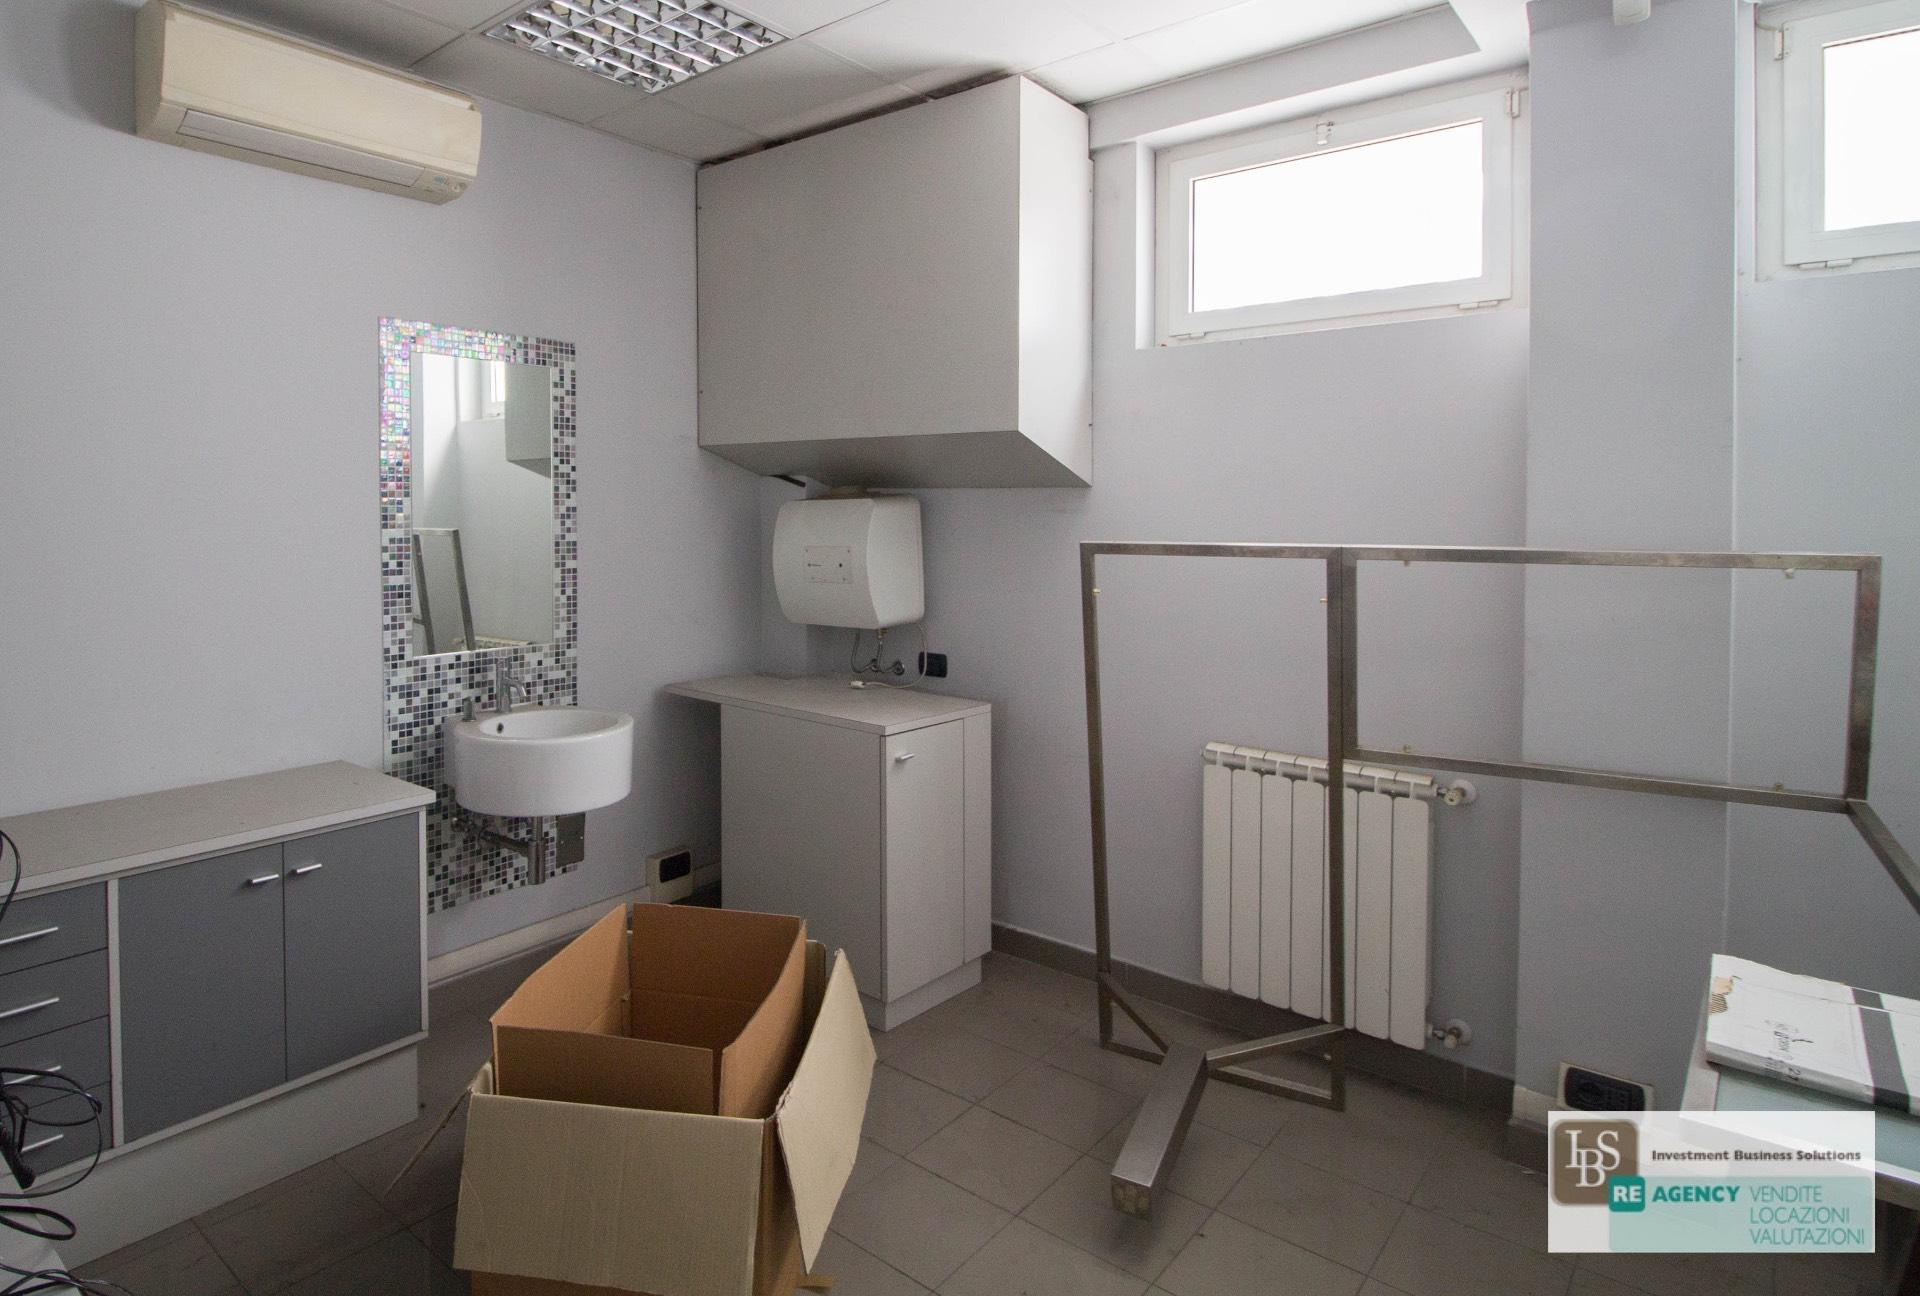 Ufficio studio in vendita a roma cod 68 corso francia for Vendita ufficio roma